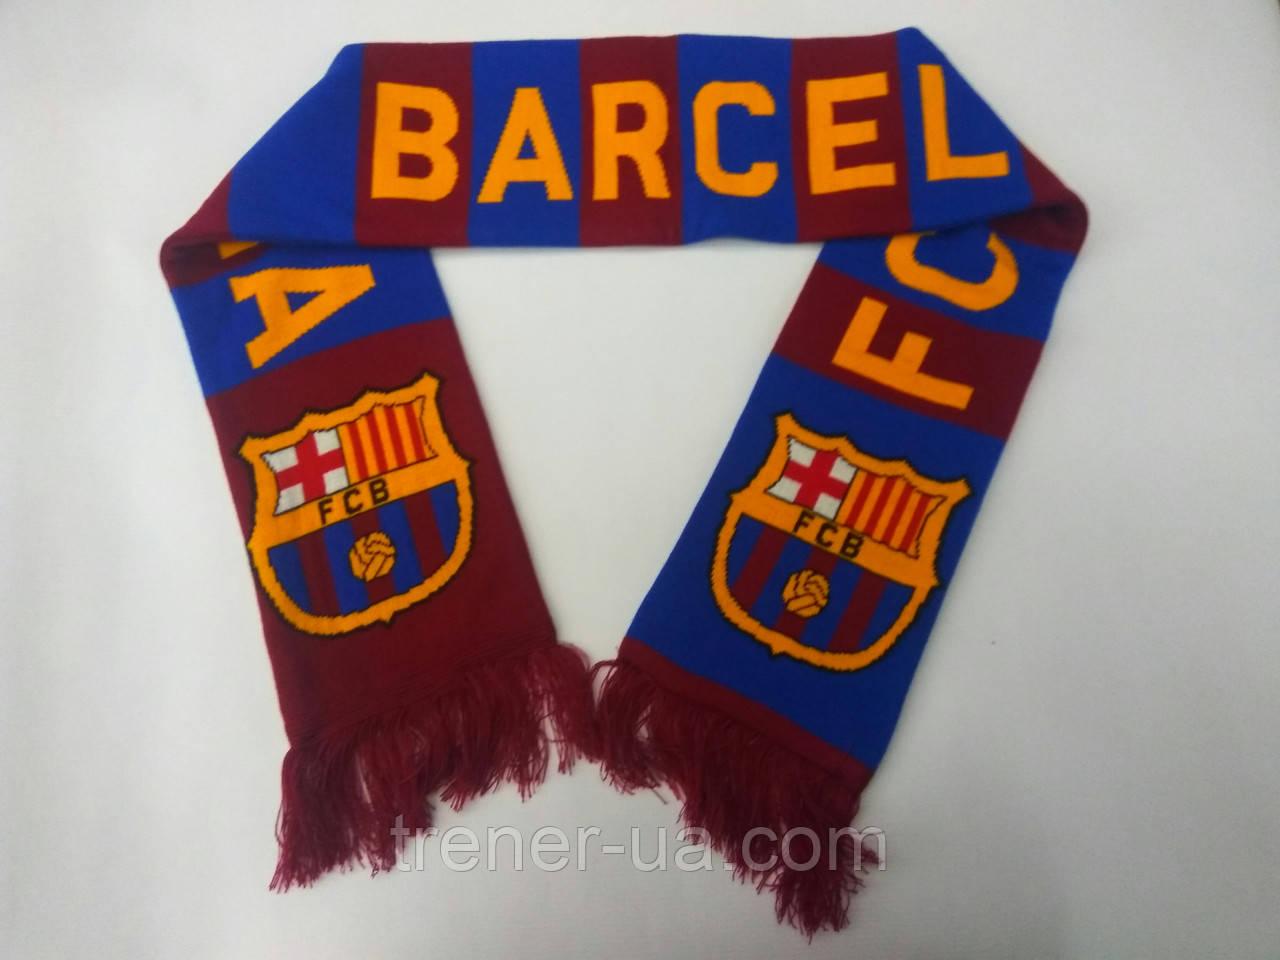 Шарф для футбольного фаната Barcelona